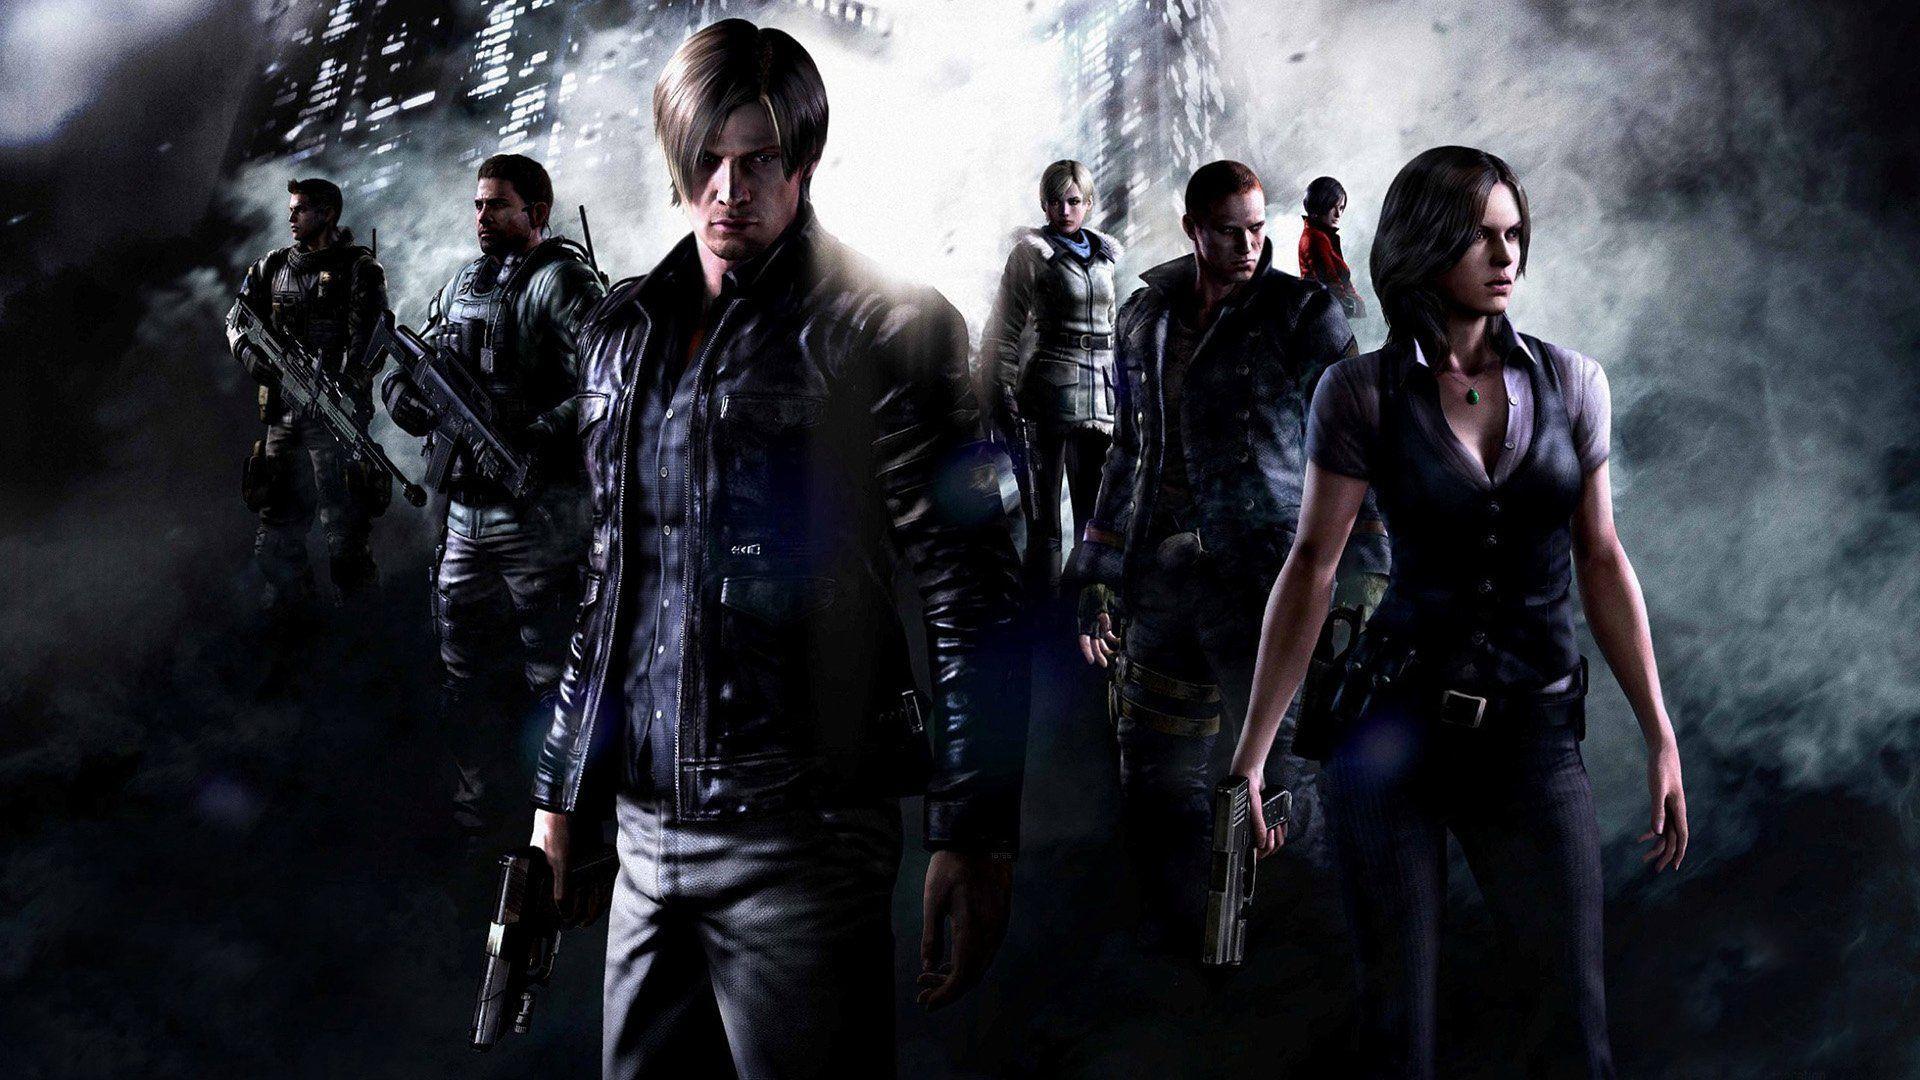 Resident Evil Wallpapers Top Free Resident Evil